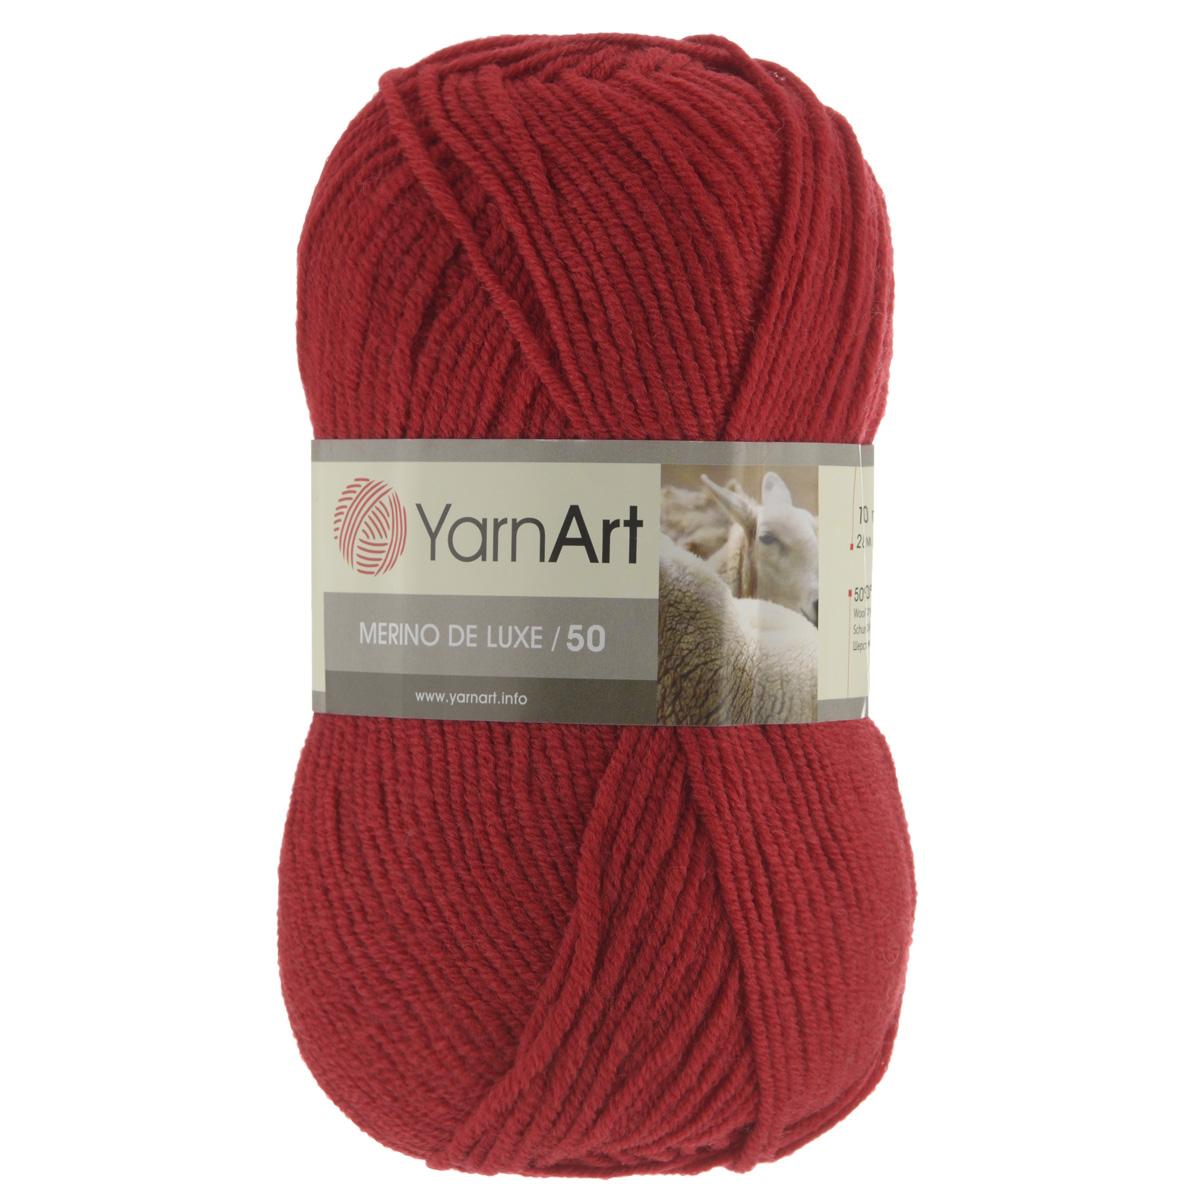 Пряжа для вязания YarnArt Merino de Lux, цвет: красный (576), 280 м, 100 г, 5 шт372049_576Классическая пряжа для вязания YarnArt  Merino de Lux изготовлена из шерсти и акрила. Пряжа очень мягкая и приятная на ощупь. Теплая, уютная, эта пряжа идеально подходит для вязки демисезонных вещей. Шапочки, шарфы, снуды, свитера, жилеты вяжутся из этой пряжи быстро и легко. Изделия приятны в носке и долго не теряют форму после ручной стирки. Рекомендуются спицы 3,5 мм, крючок 4 мм. Состав: 49% шерсть, 51% акрил.